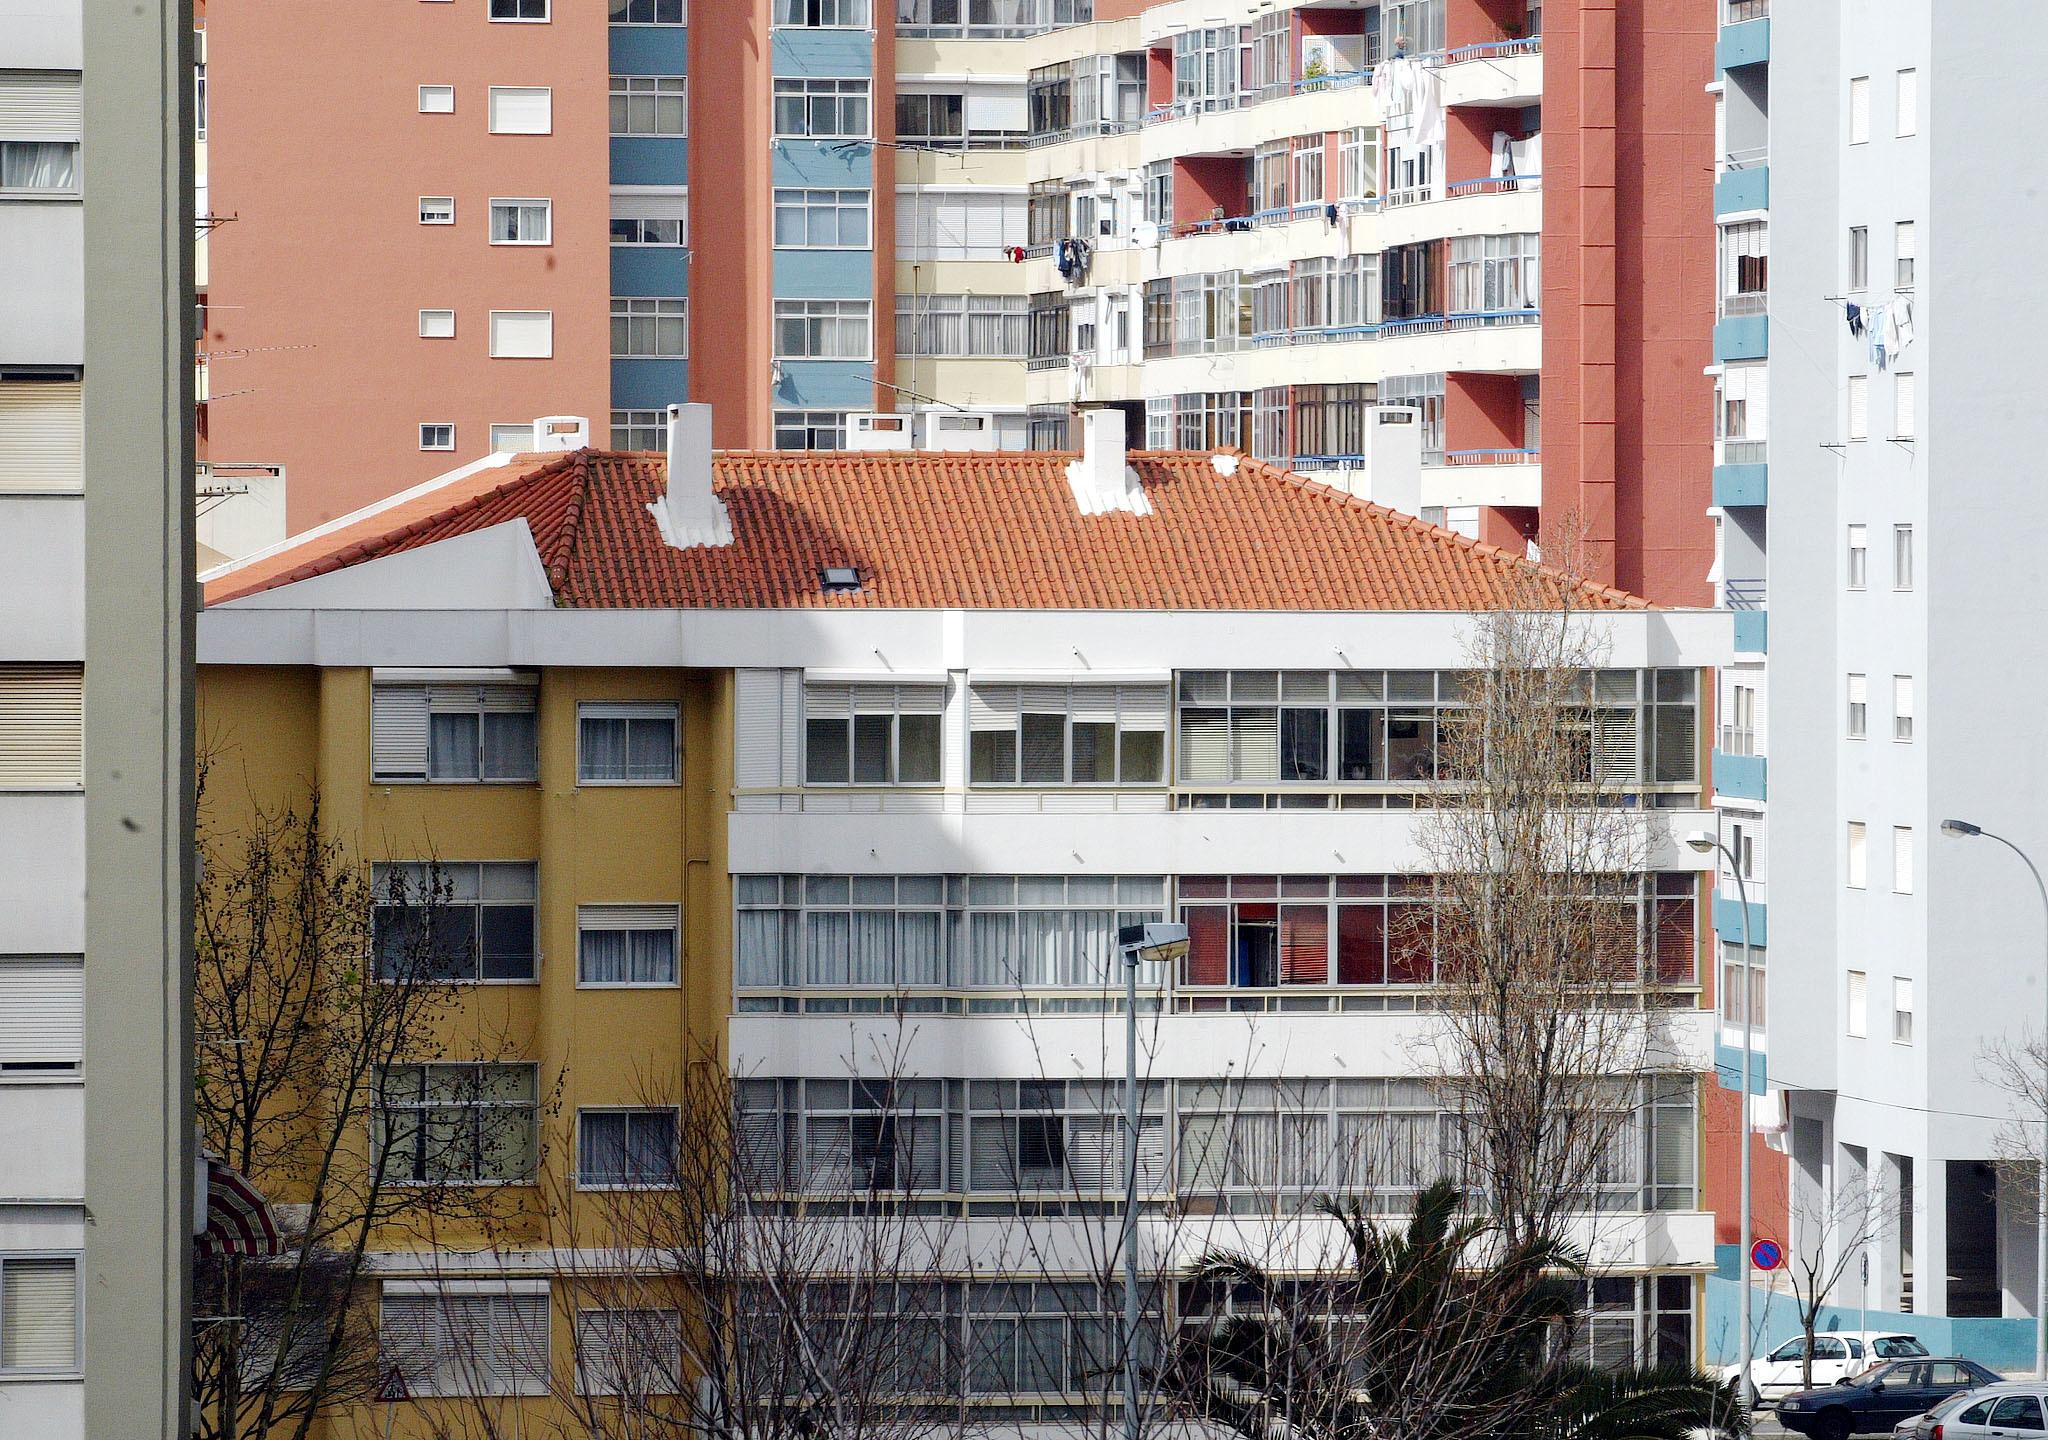 Governo divulga aos emigrantes programa de arrendamento isento de tributação